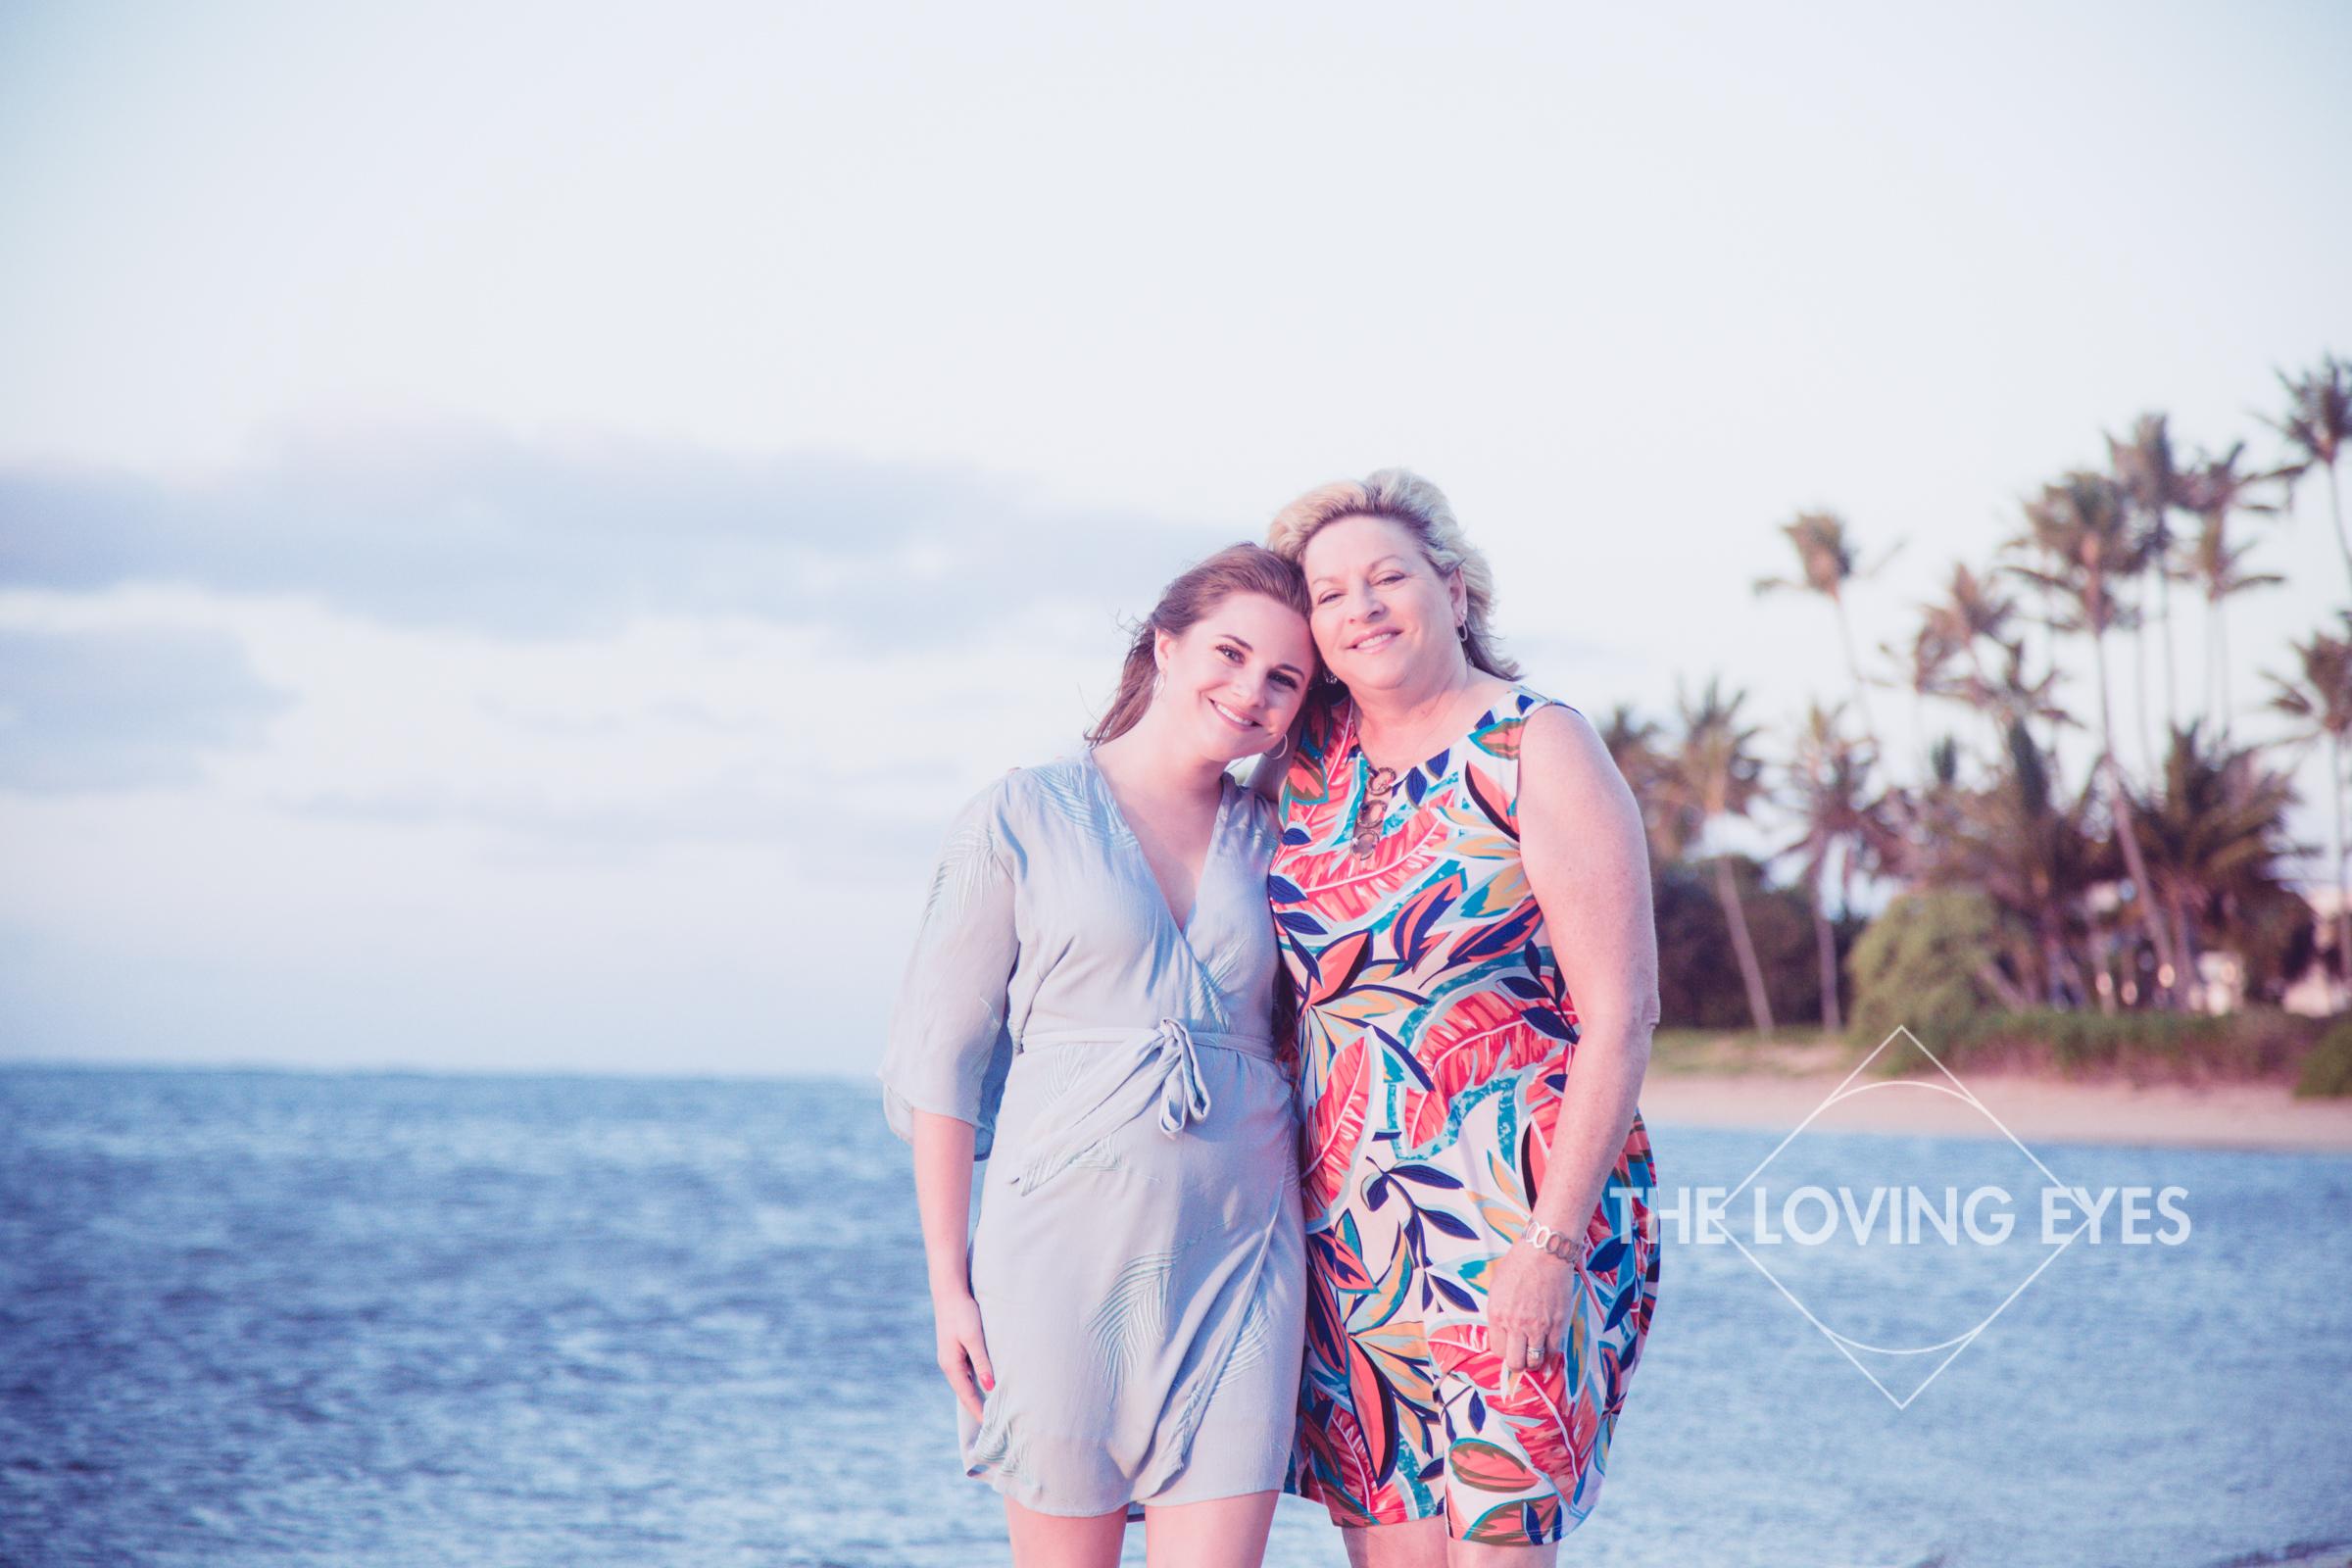 Hawaii-family-vacation-beach-photo-3.jpg